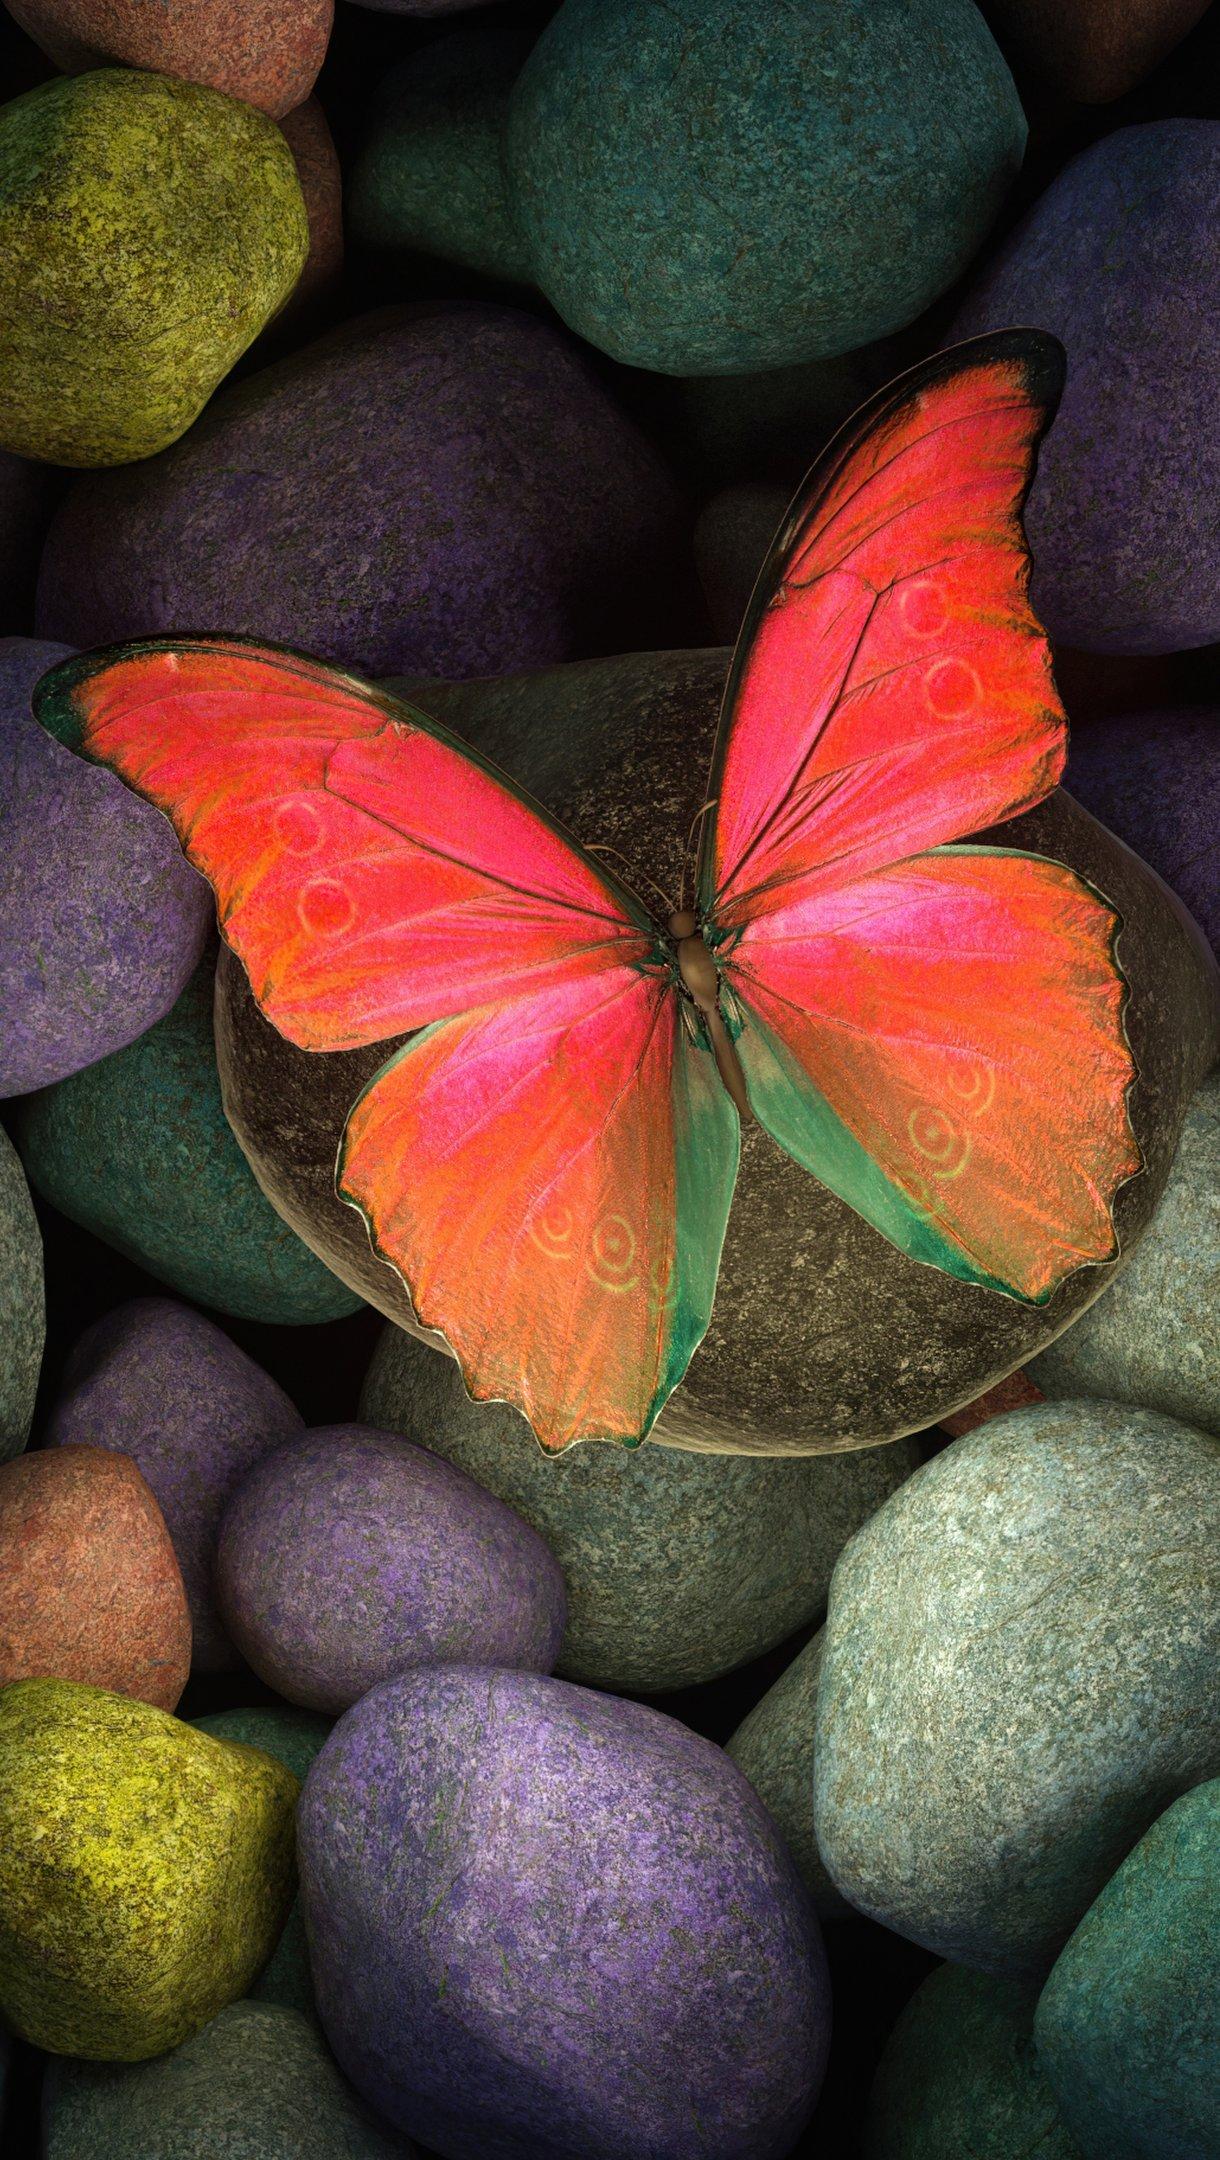 Fondos de pantalla Mariposa en piedras de colores Vertical